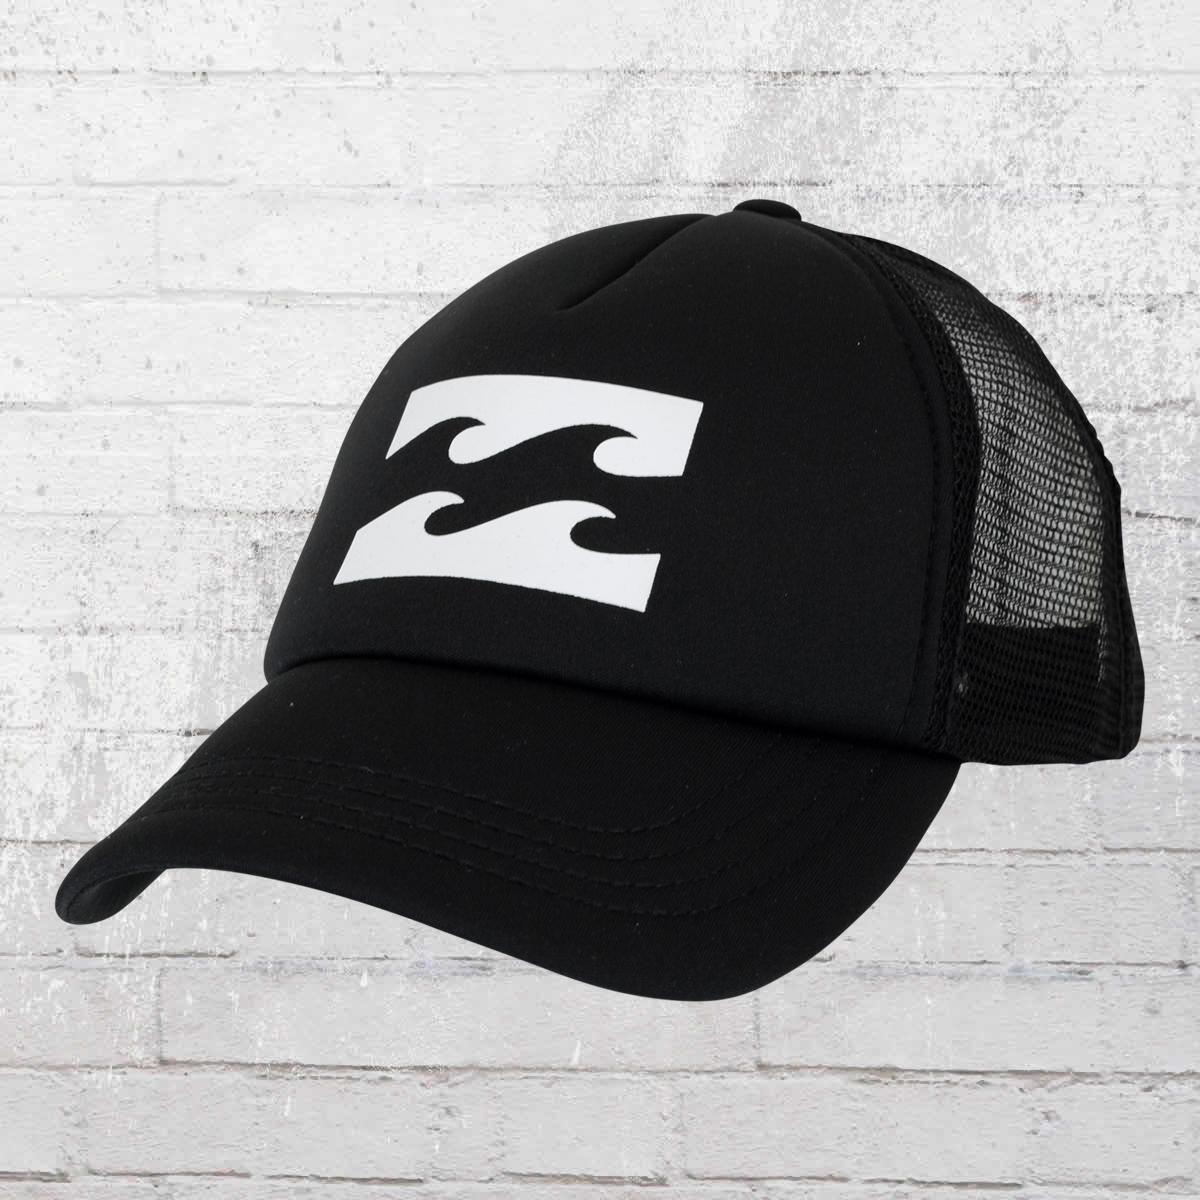 b82dda2d459d5e ... switzerland billabong cap mesh hat billabong trucker black. u203au2039  73403 1ab38